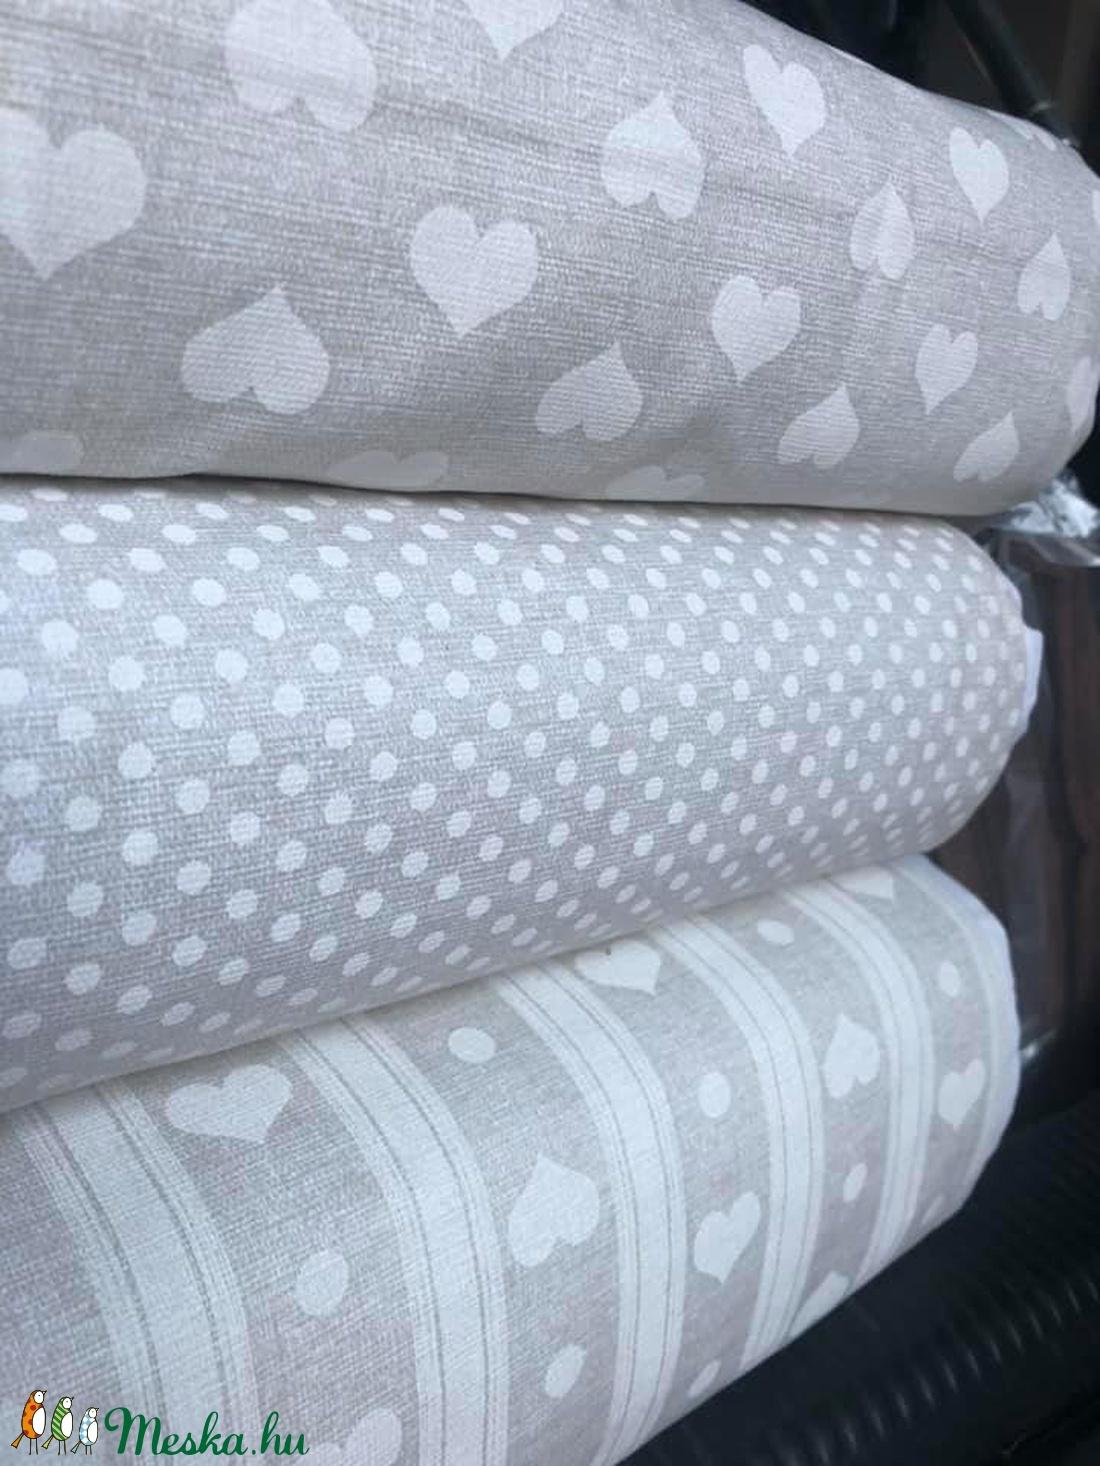 140 cm széles dekor bútorvászon - függöny, abrosz,táska, bútorhuzat - textil - vászon - Meska.hu